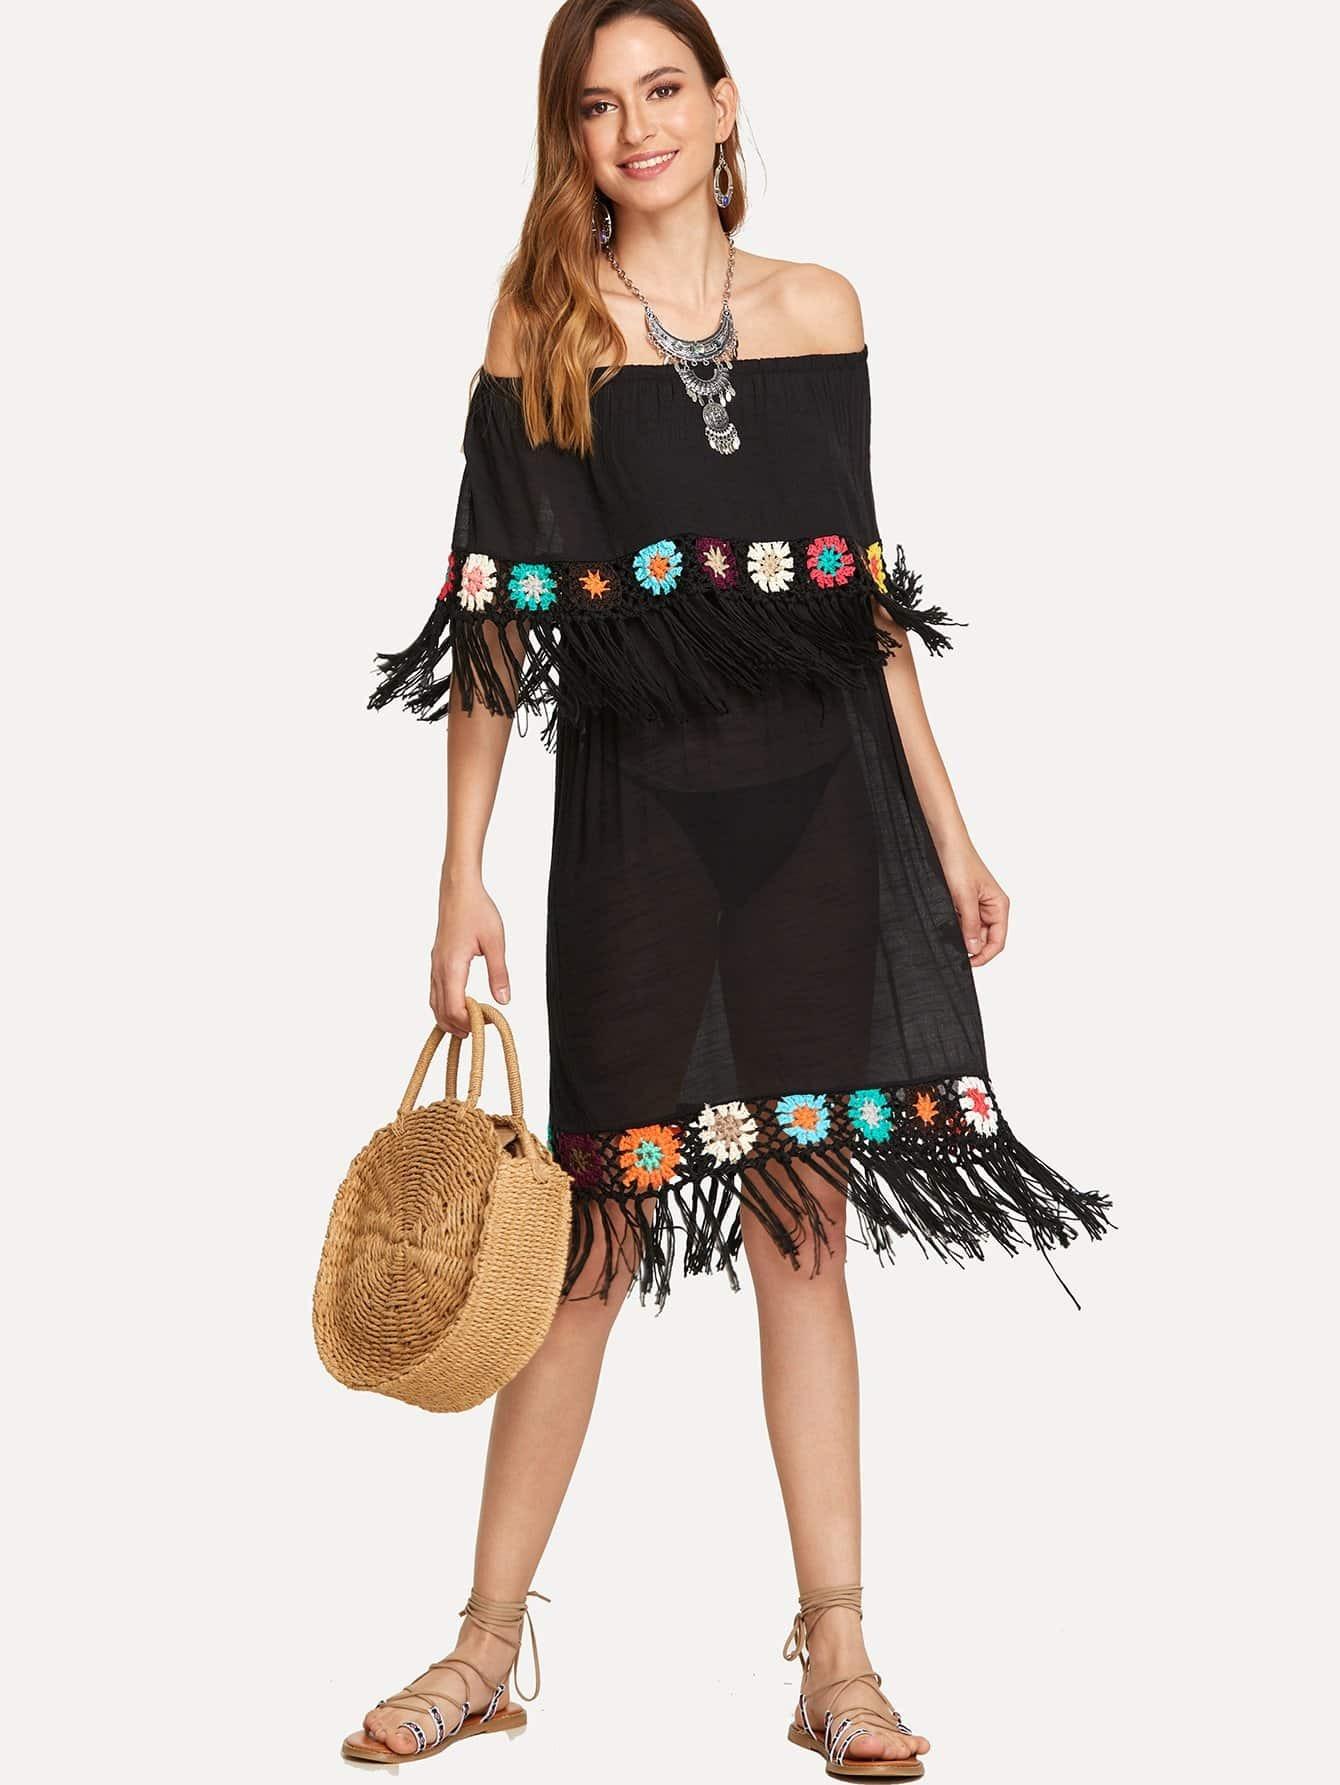 Flounce Trim Fringe Embellished Eyelet Crochet Dress Without Panty feather print fringe embellished eyelet crochet top